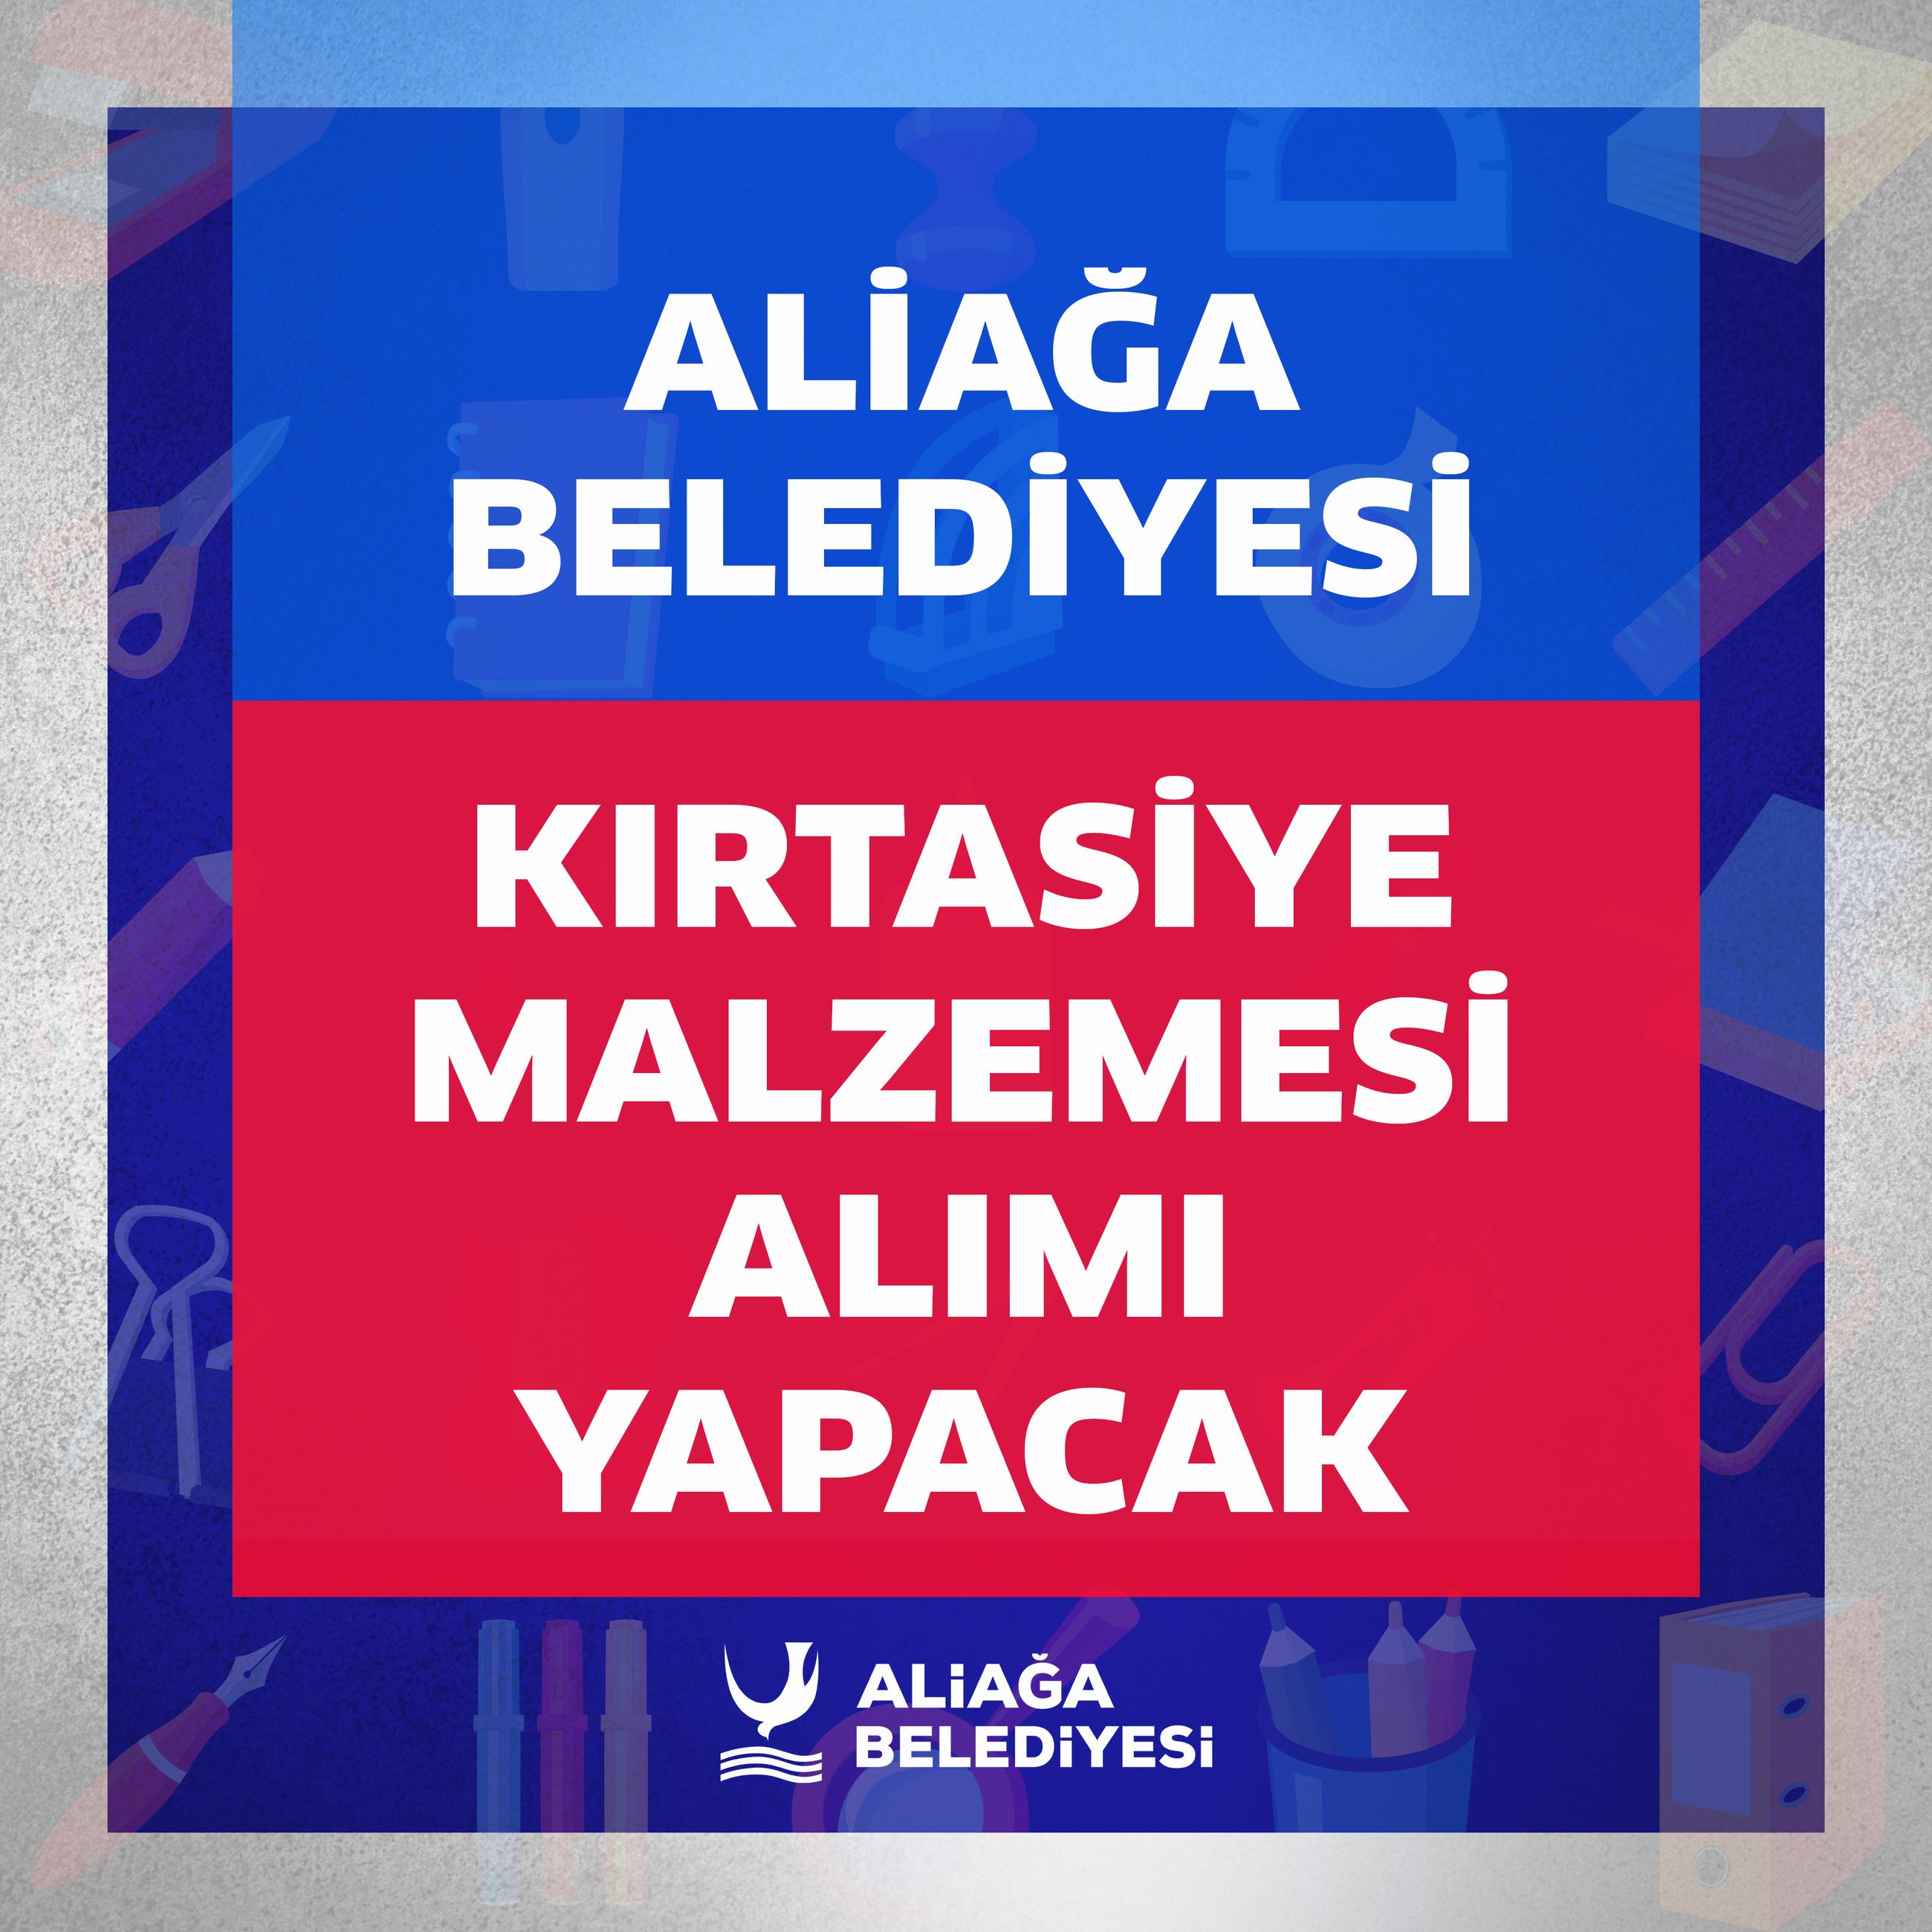 Aliağa Belediyesi Kırtasiye Malzemesi Alımı Yapacak..